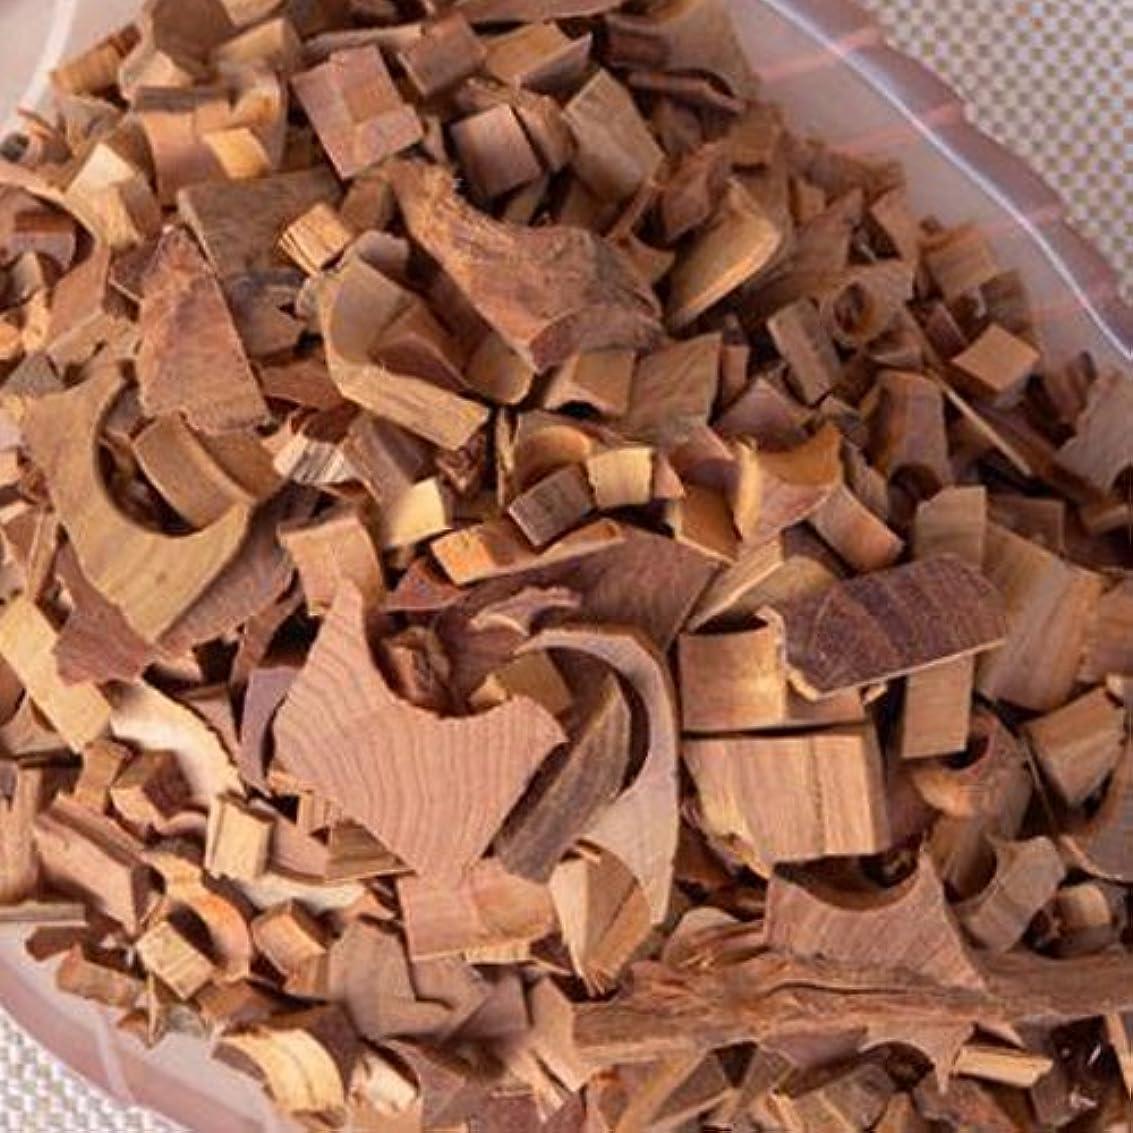 認知弾性グリップNatural India Mysore Laoshan Sandalwood Chips aromatic Sandal Wood Chips Scent Rich For Aromatherapy Aroma Rich...